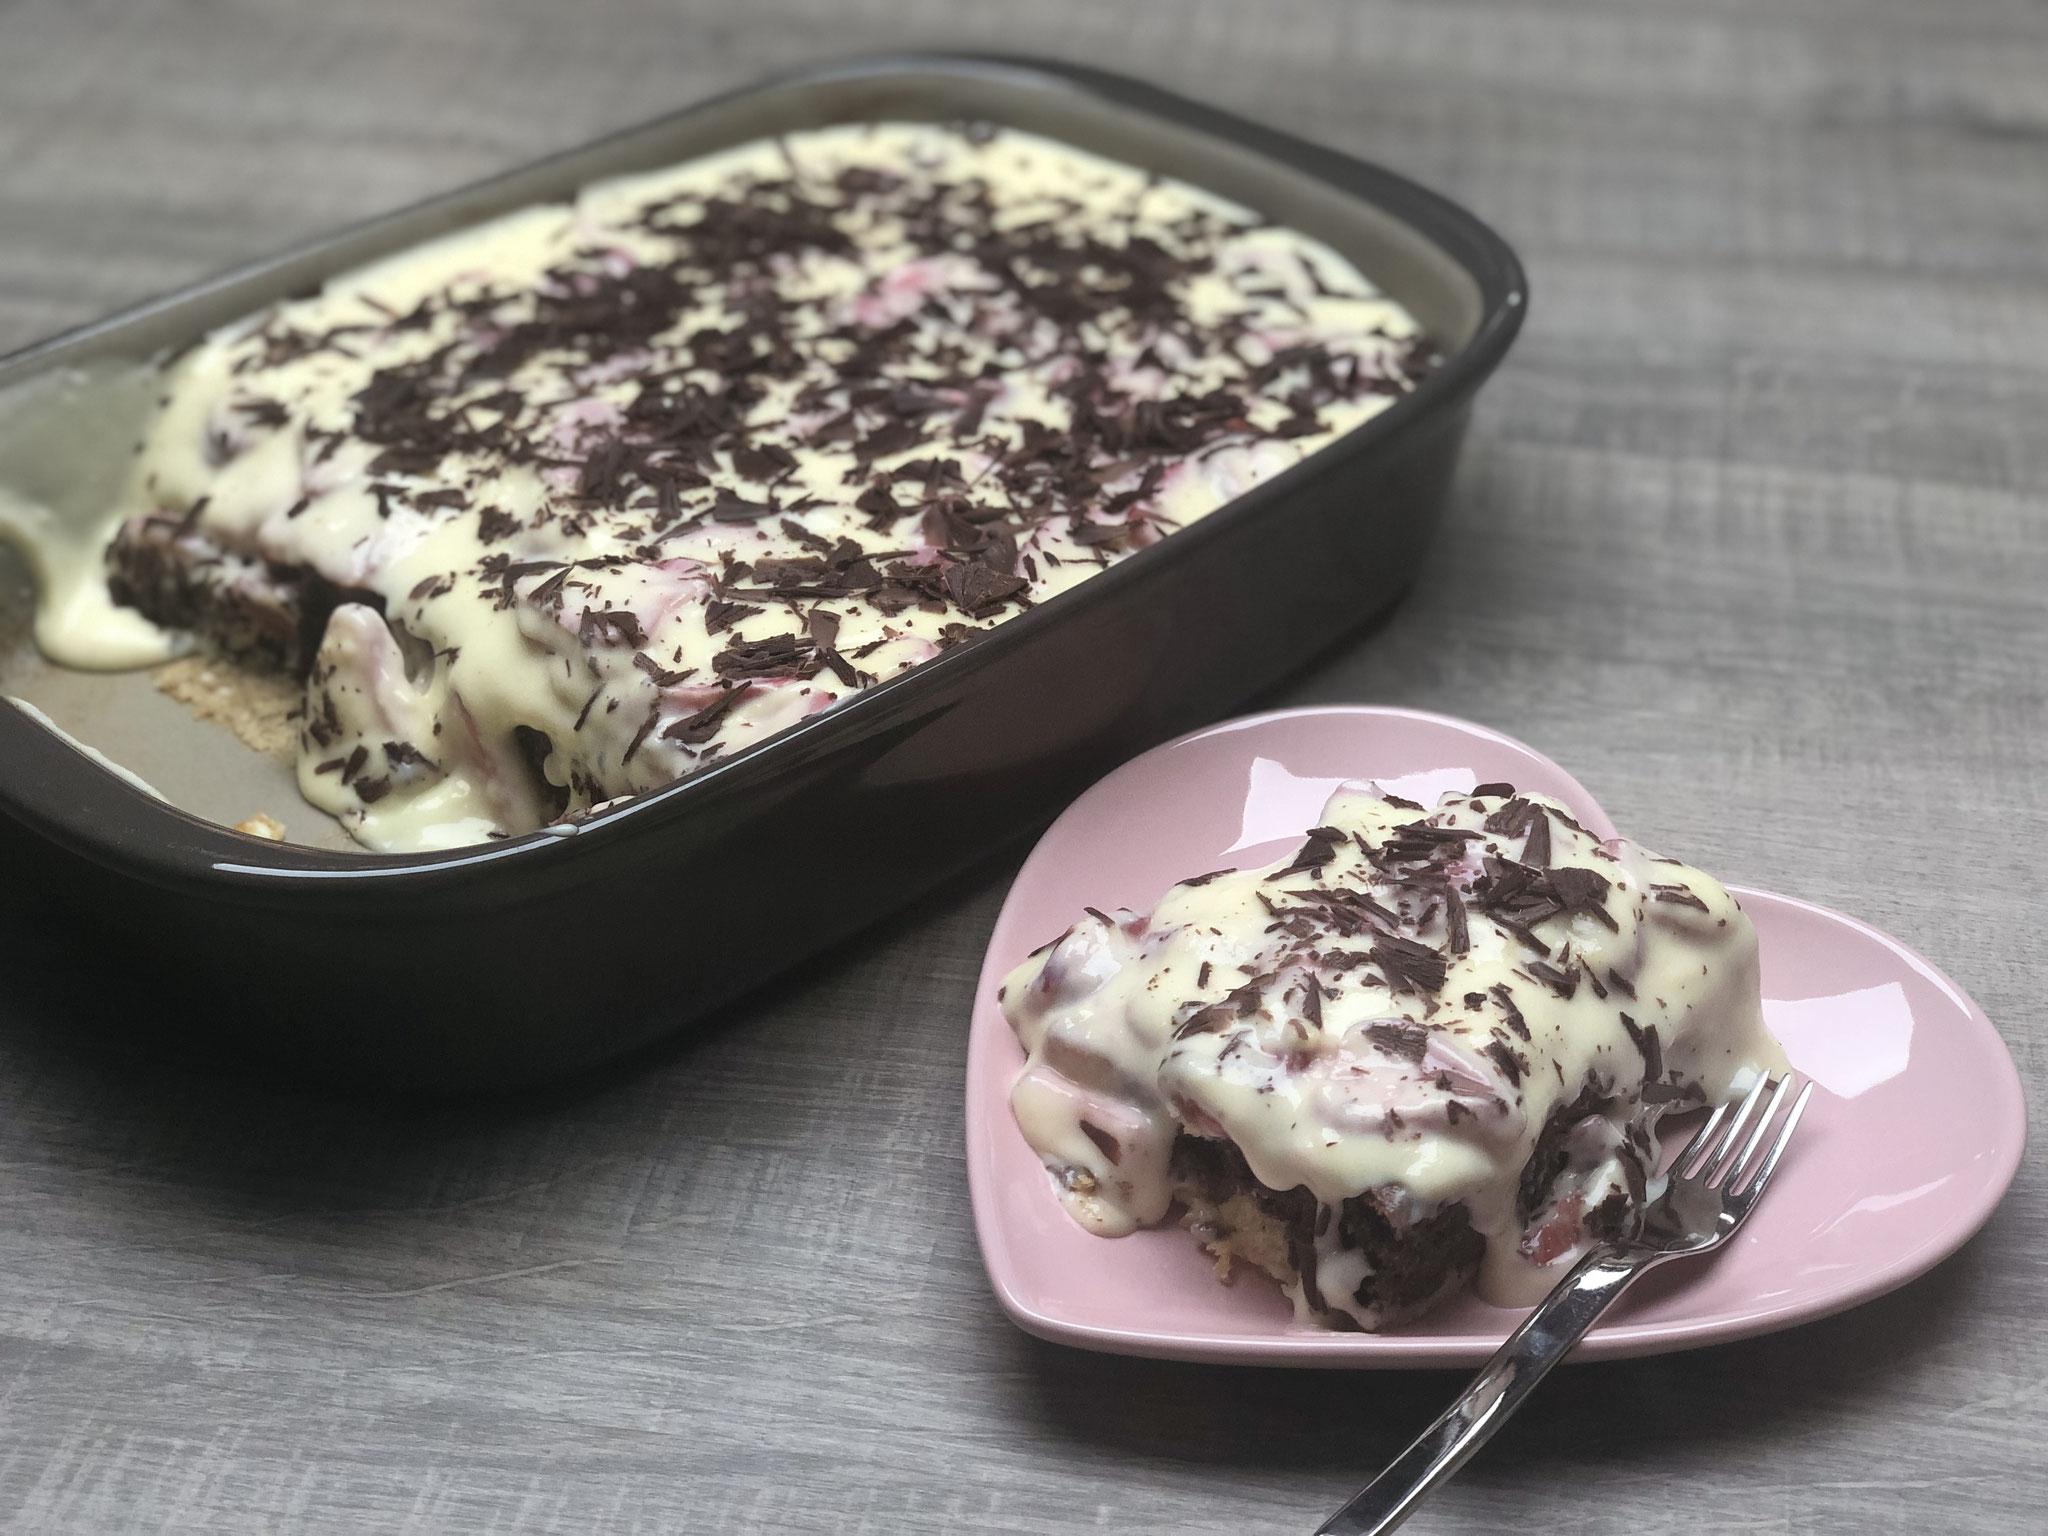 Ihr solltet den Kuchen länger im Kühlschrank fest werden lasse, wir konnte nicht abwarten und mussten den Kuchen schnell anschneiden um diesen zu genießen ♥